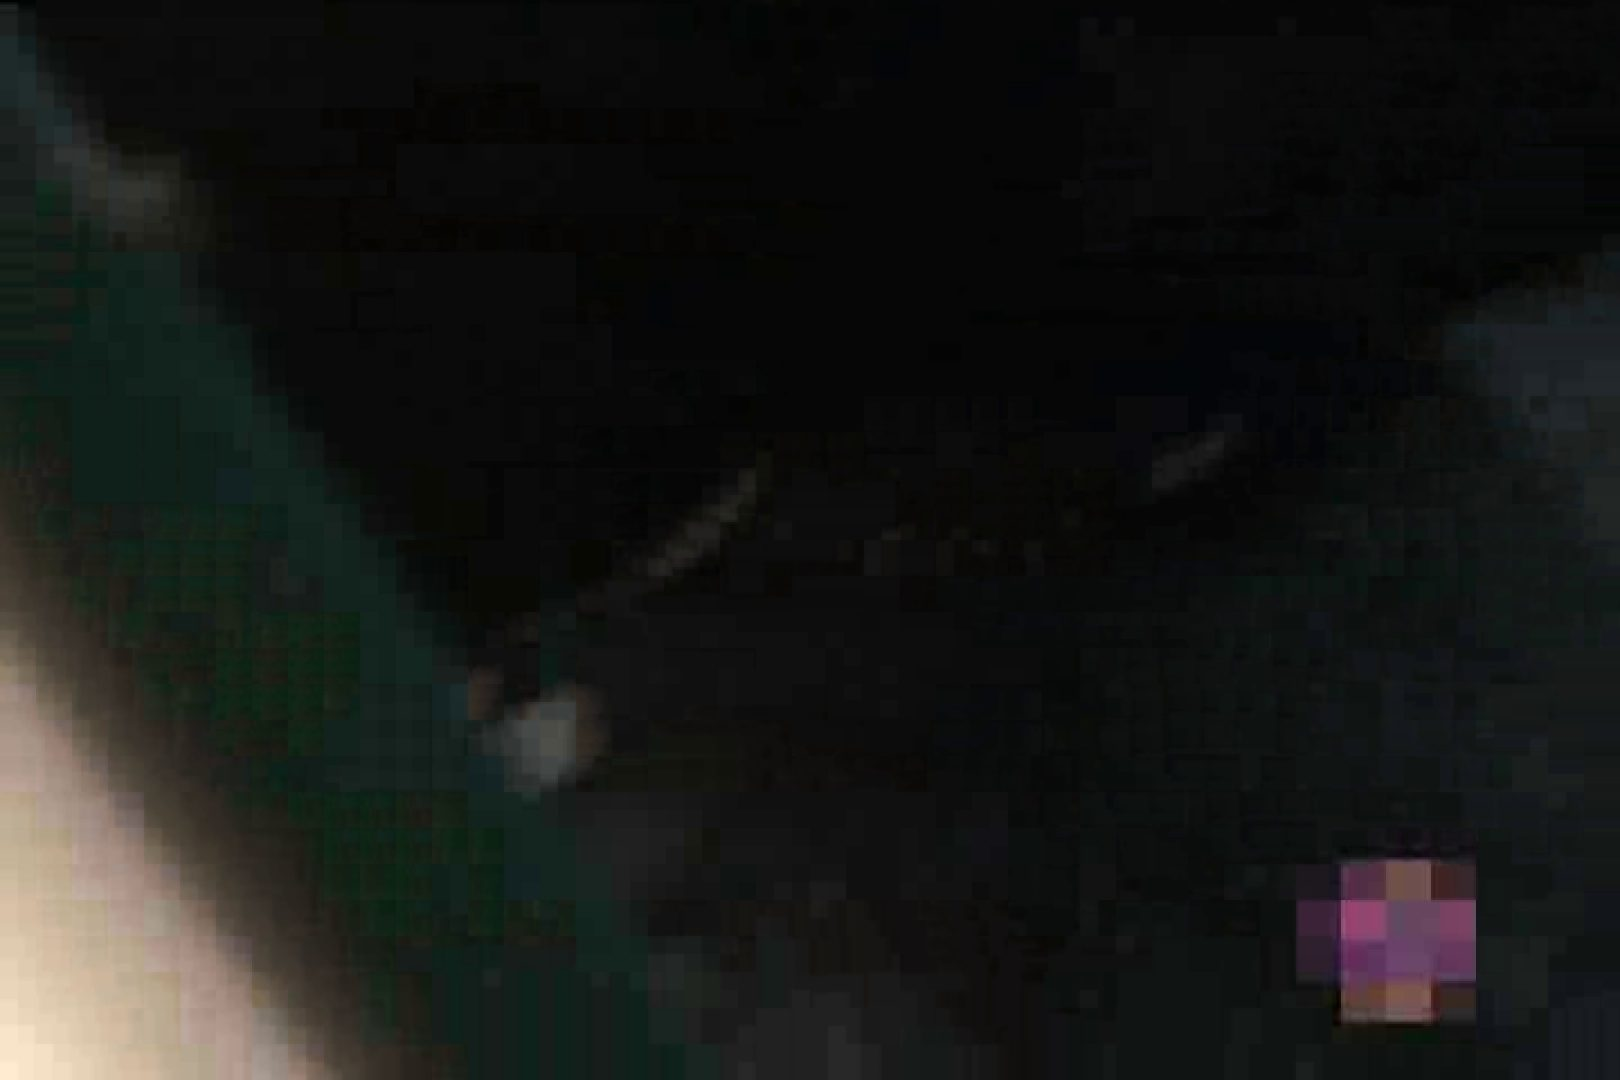 大胆露出胸チラギャル大量発生中!!Vol.6 OLセックス 覗きぱこり動画紹介 91画像 82